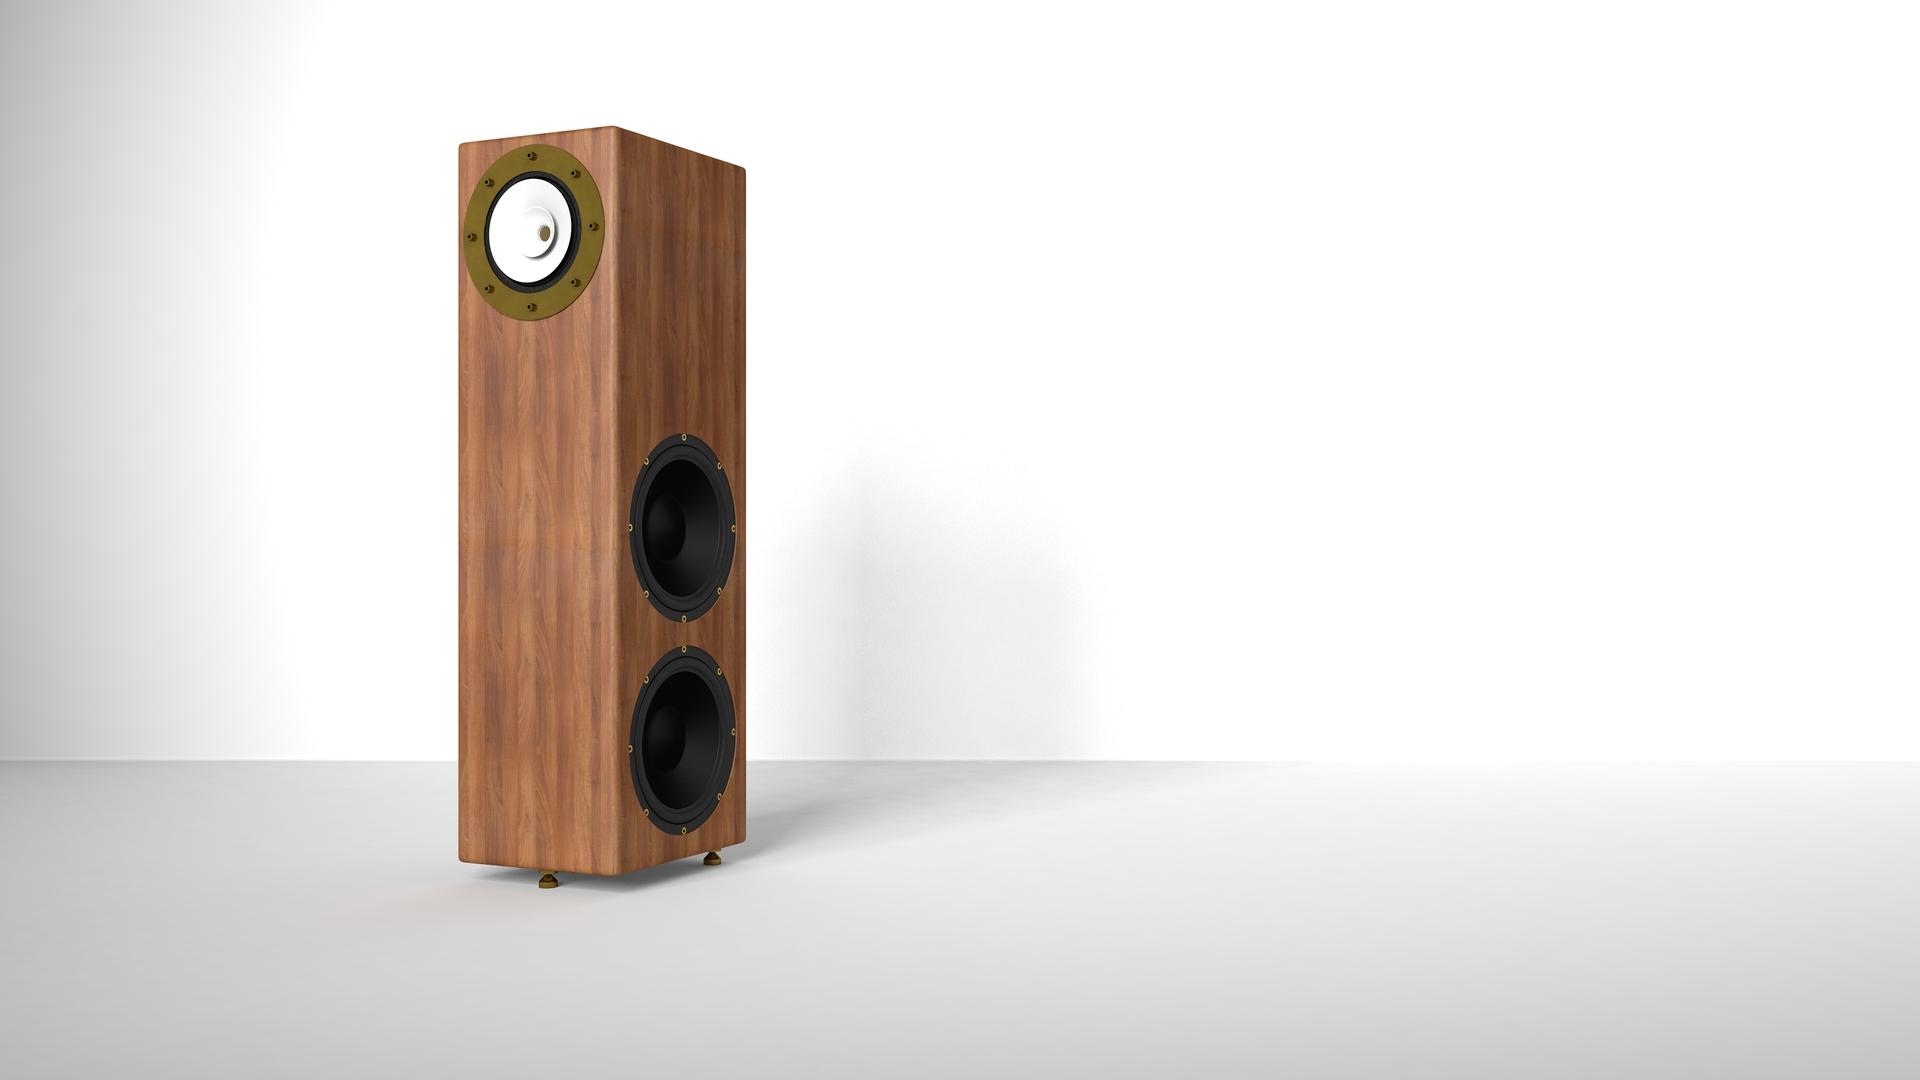 RDacoustic speakers Viruoso full range + 2x woofer driver,  stereo 2.0 surround 5.1, 7.1 Left